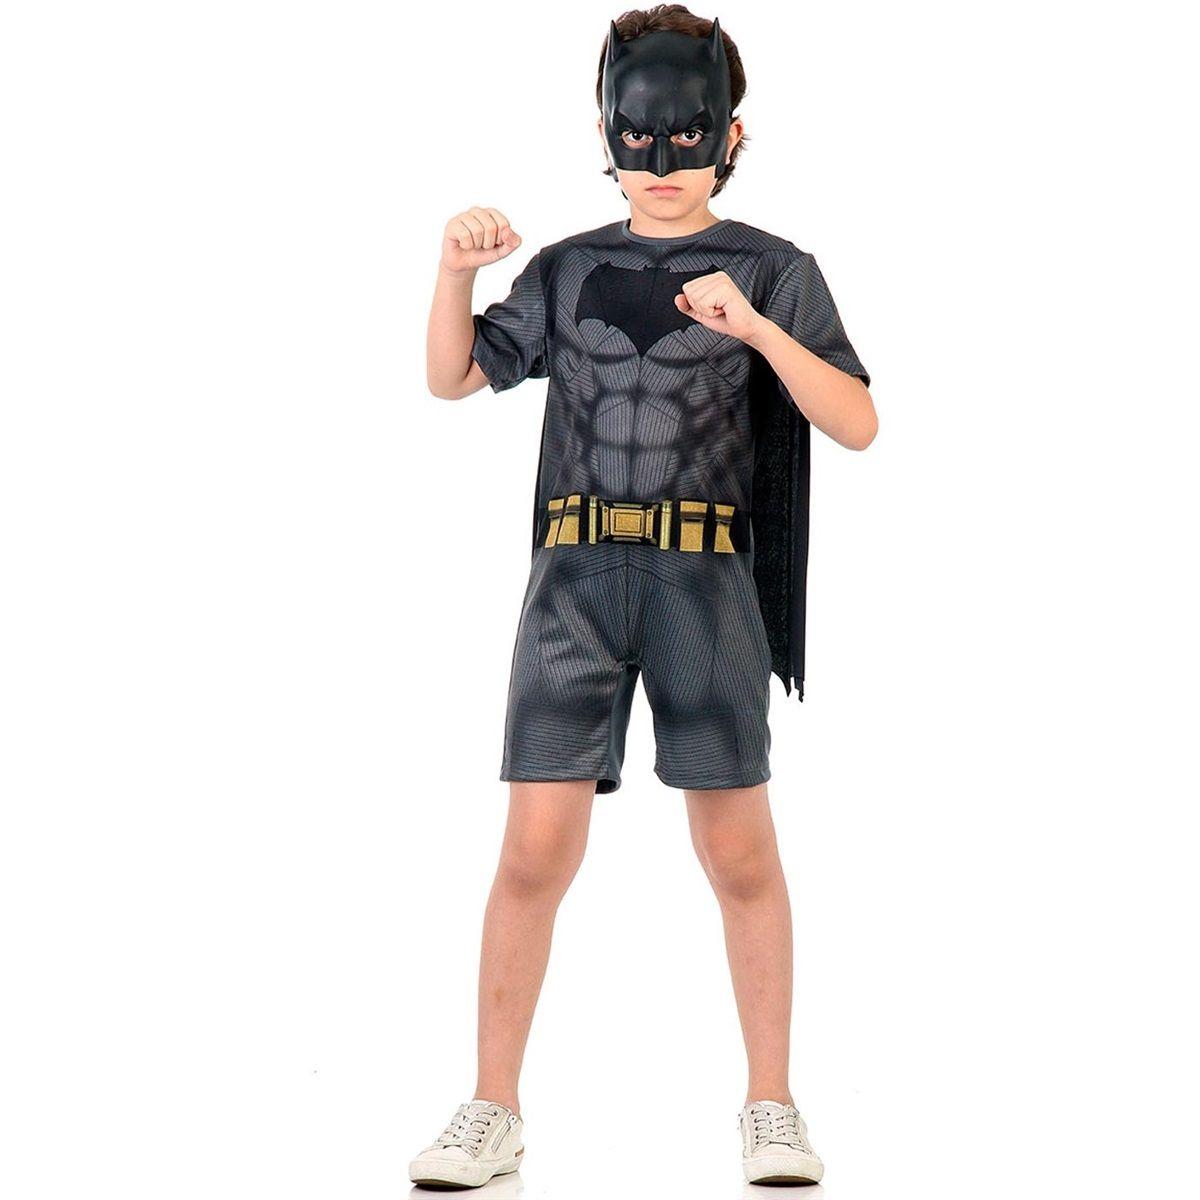 Fantasia Batman Infantil Curta Batman Vs Superman